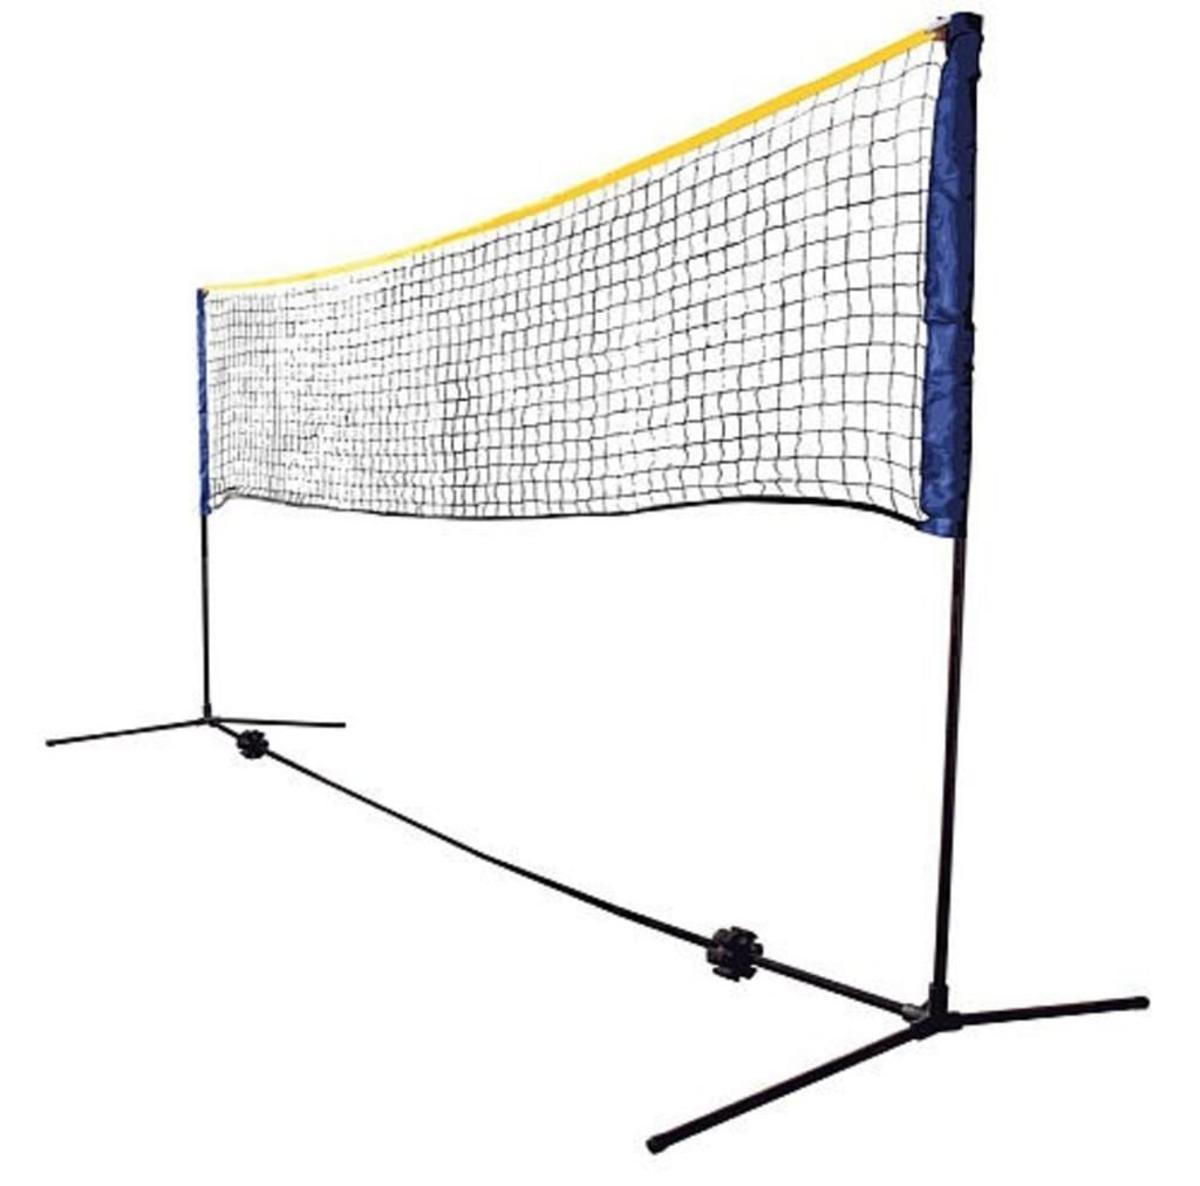 Bild 4 von Schildkröt - Funsport FUNSPORT Combi Net Set in Tragetasche, 300x 155cm